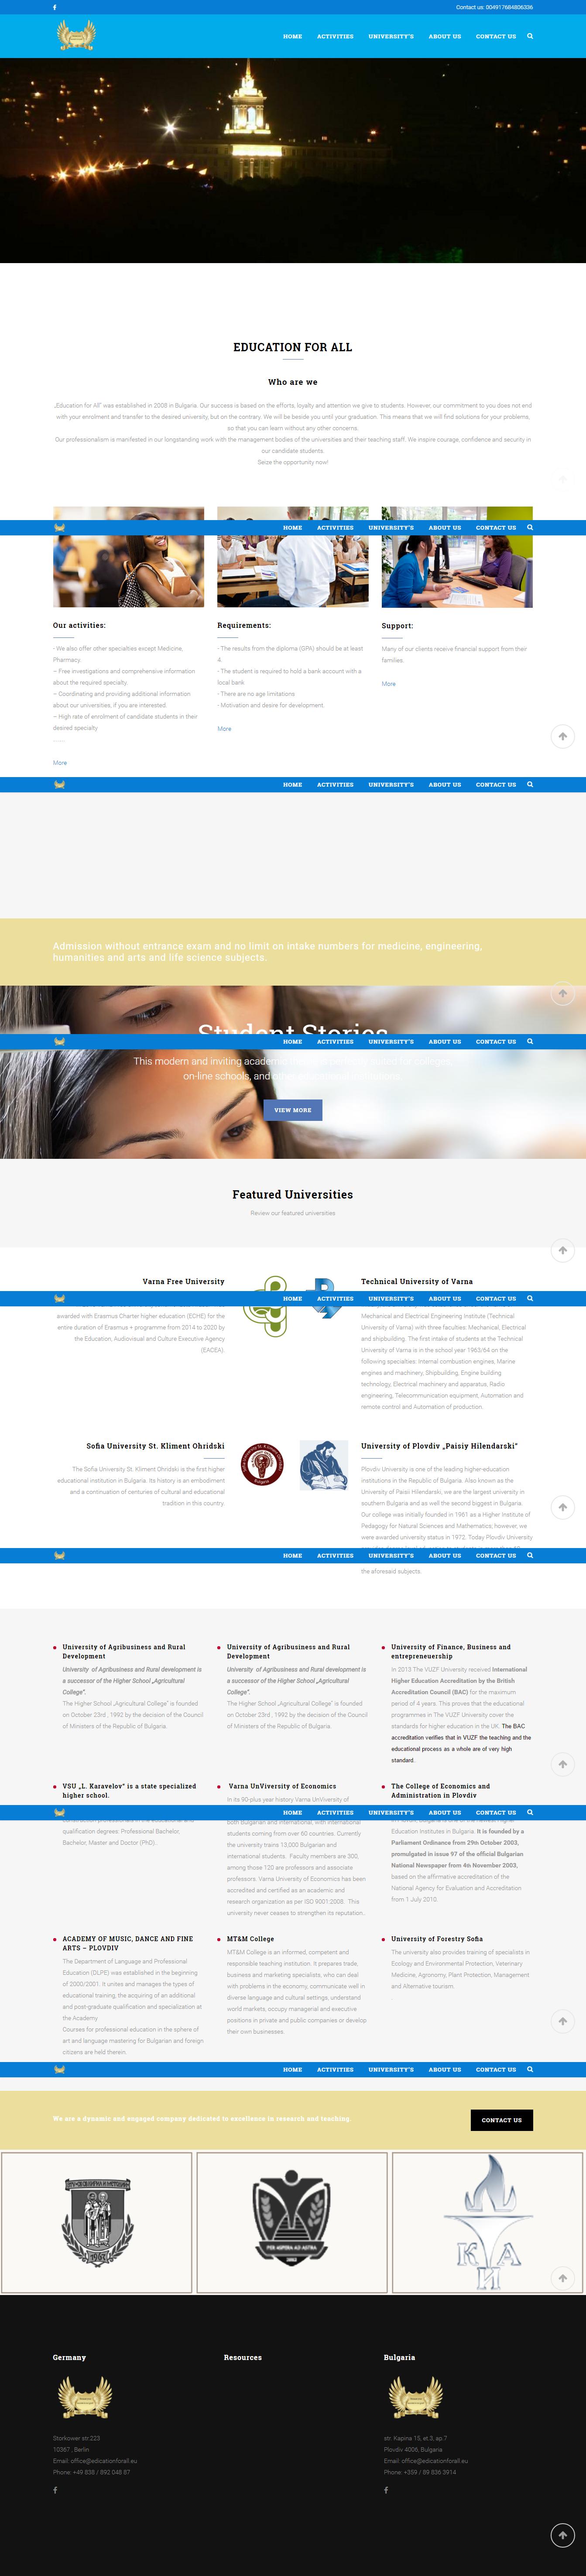 screenshot-educationforall-eu-2016-10-29-00-48-59